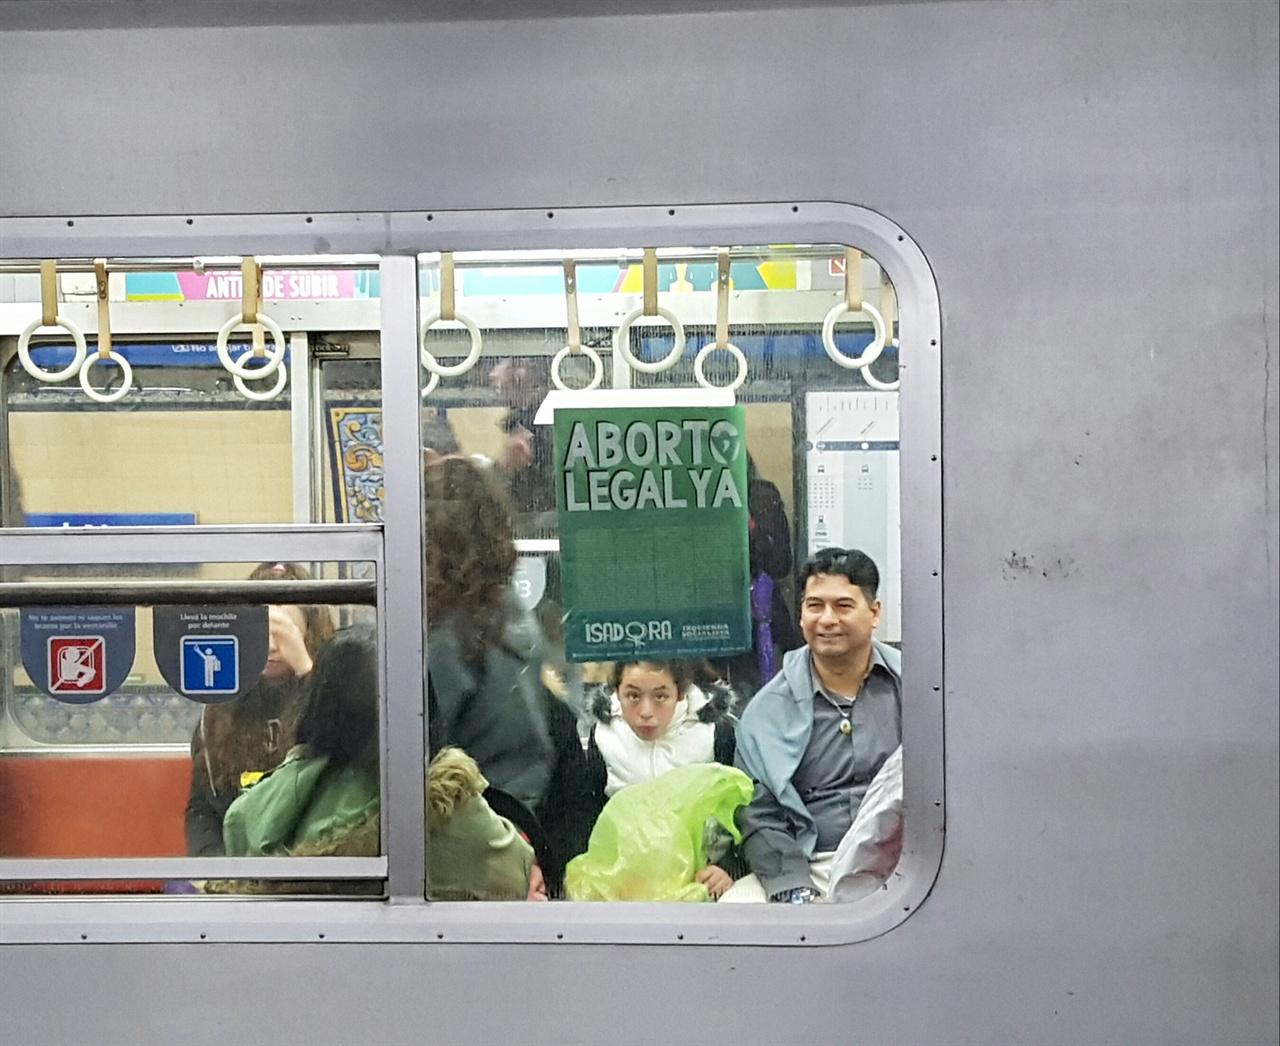 낙태 합법화의 스페인어인 'Aborto legal' 전단지가 지하철의 창문에도 붙어있다.